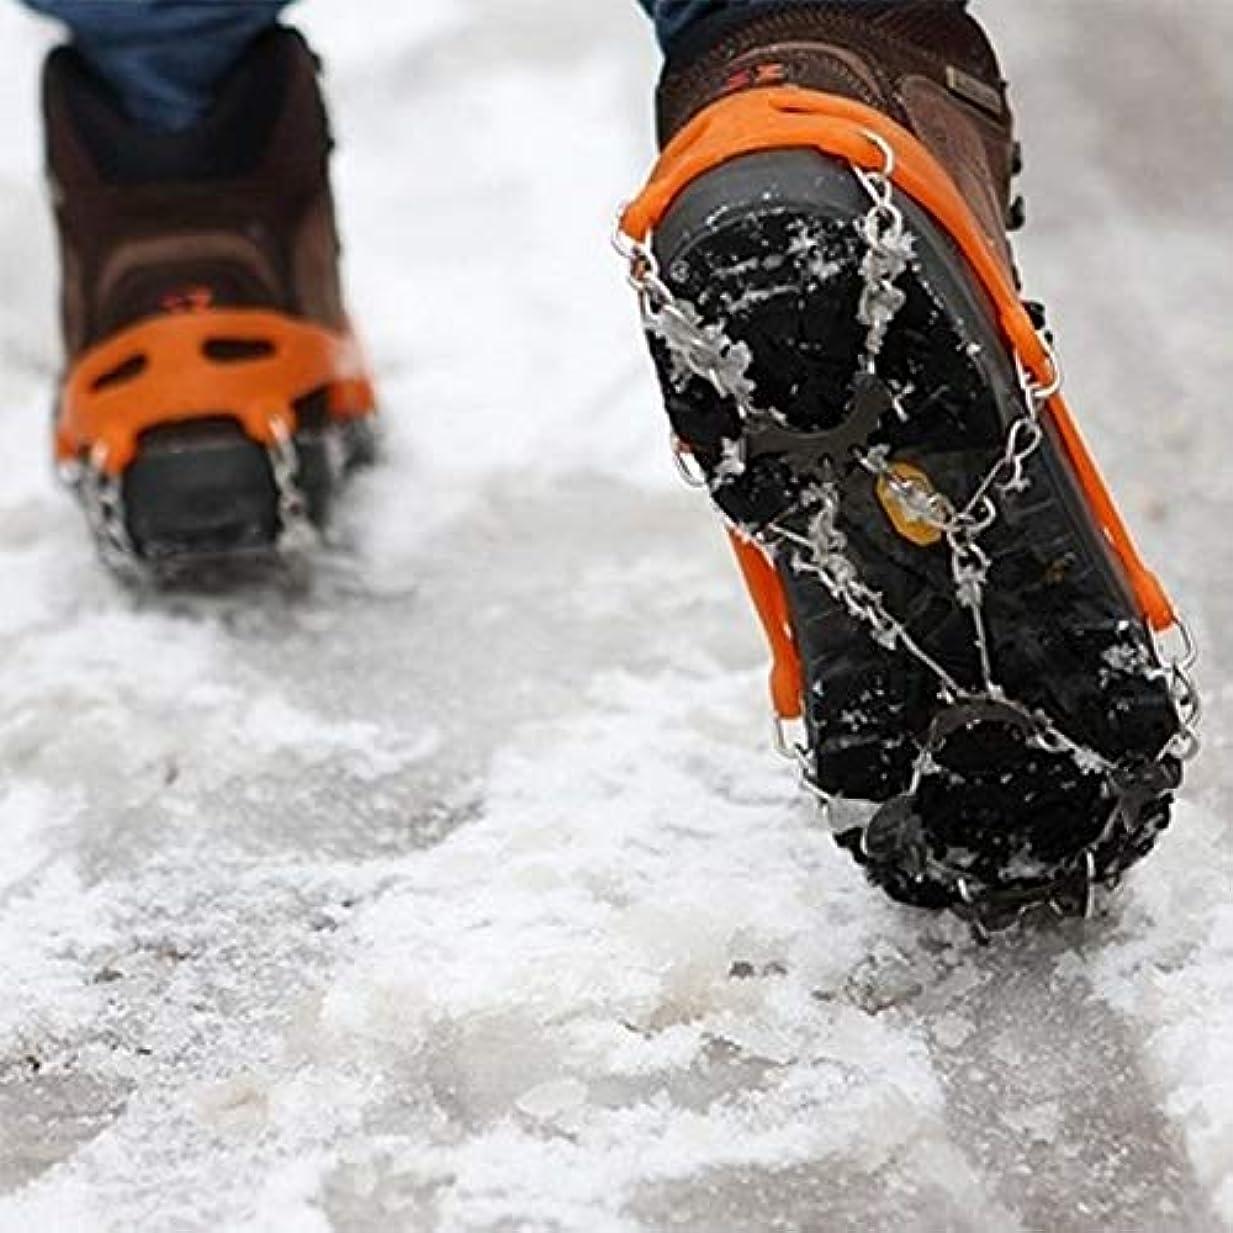 立ち向かうティーム処理LIJIANG 特別デザインワンペア8歯滑り止めアイスグリッパーハイキング登山用チェーンシューズカバー (色 : オレンジ)